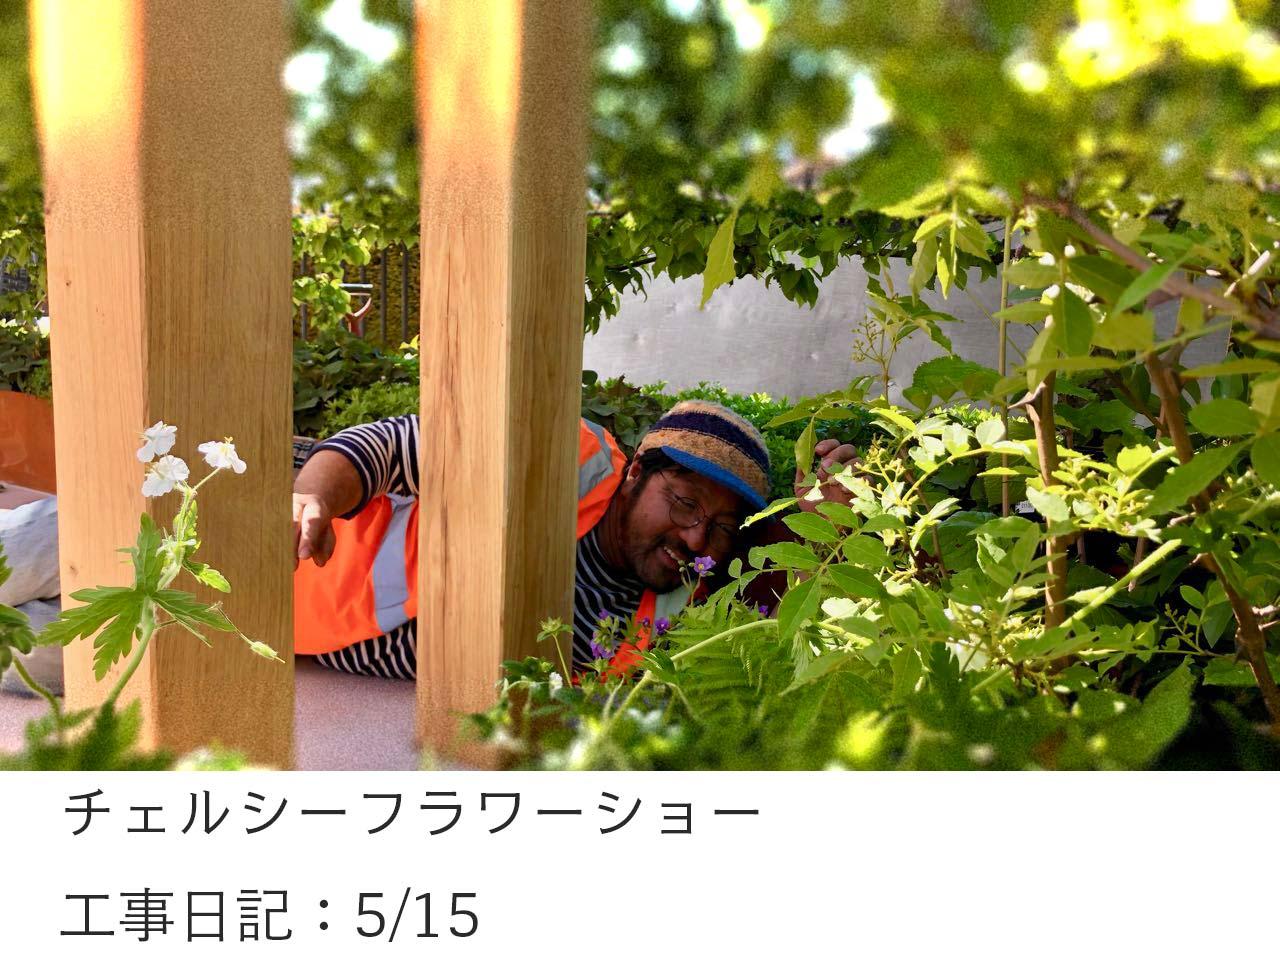 チェルシーフラワーショー工事11日目(5/16)の回想